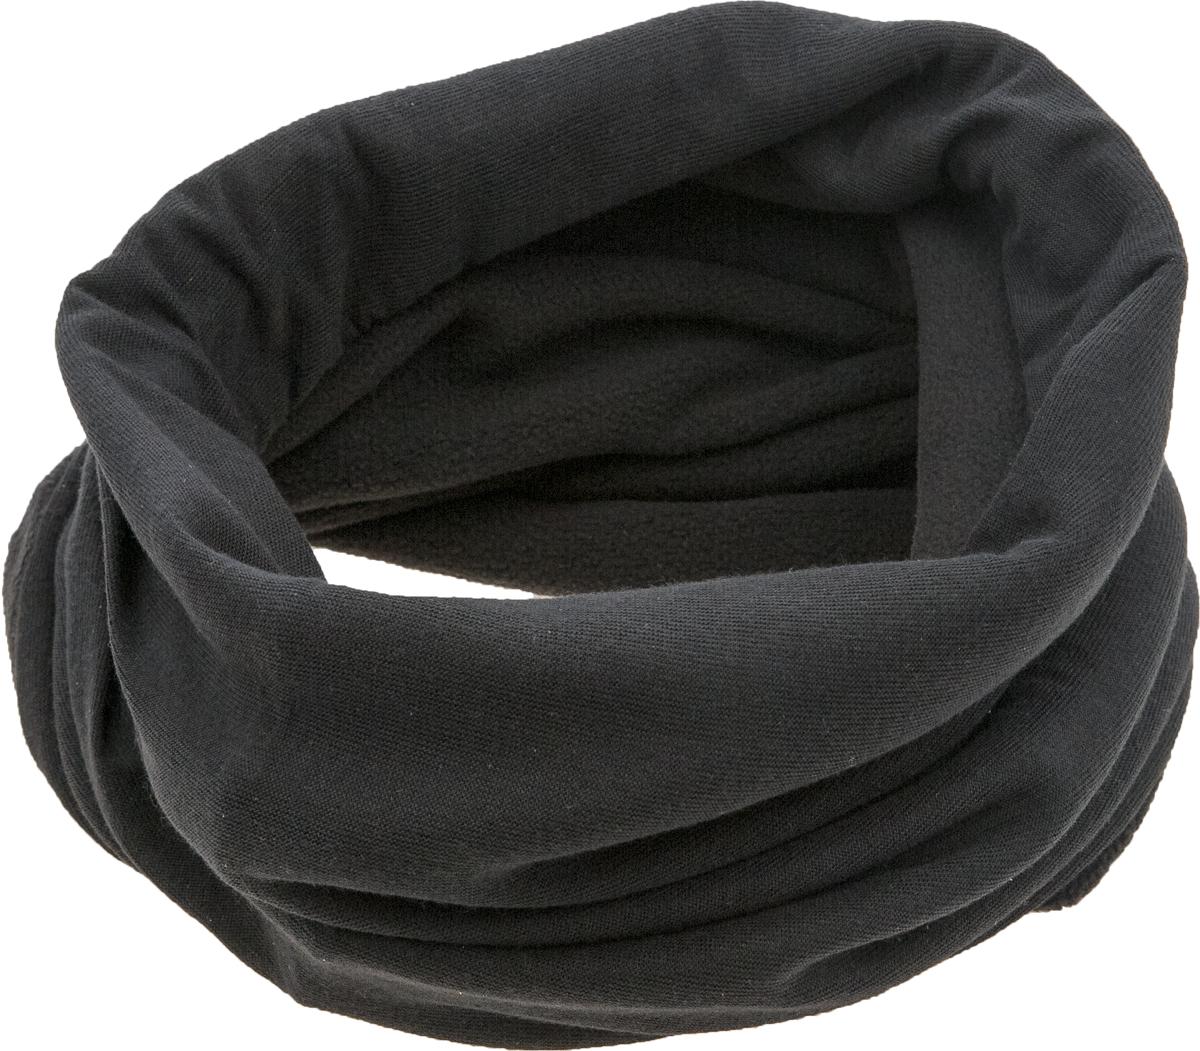 ШарфWL - 02Мультишарфы можно встретить под разными названиями: мультишарф, мультибандана, платок трансформер, Baff, но вне зависимости от того, как Вы назовете этот аксессуар, его уникальные возможности останутся неизменными. Вы с легкостью и удобством можете одеть этот мультишарф на голову и шею 12 различными способами. В сильные морозы, пронизывающий ветер или пыльную бурю - с мультишарфом Вы будете готовы к любым капризам природы. Авторская работа.